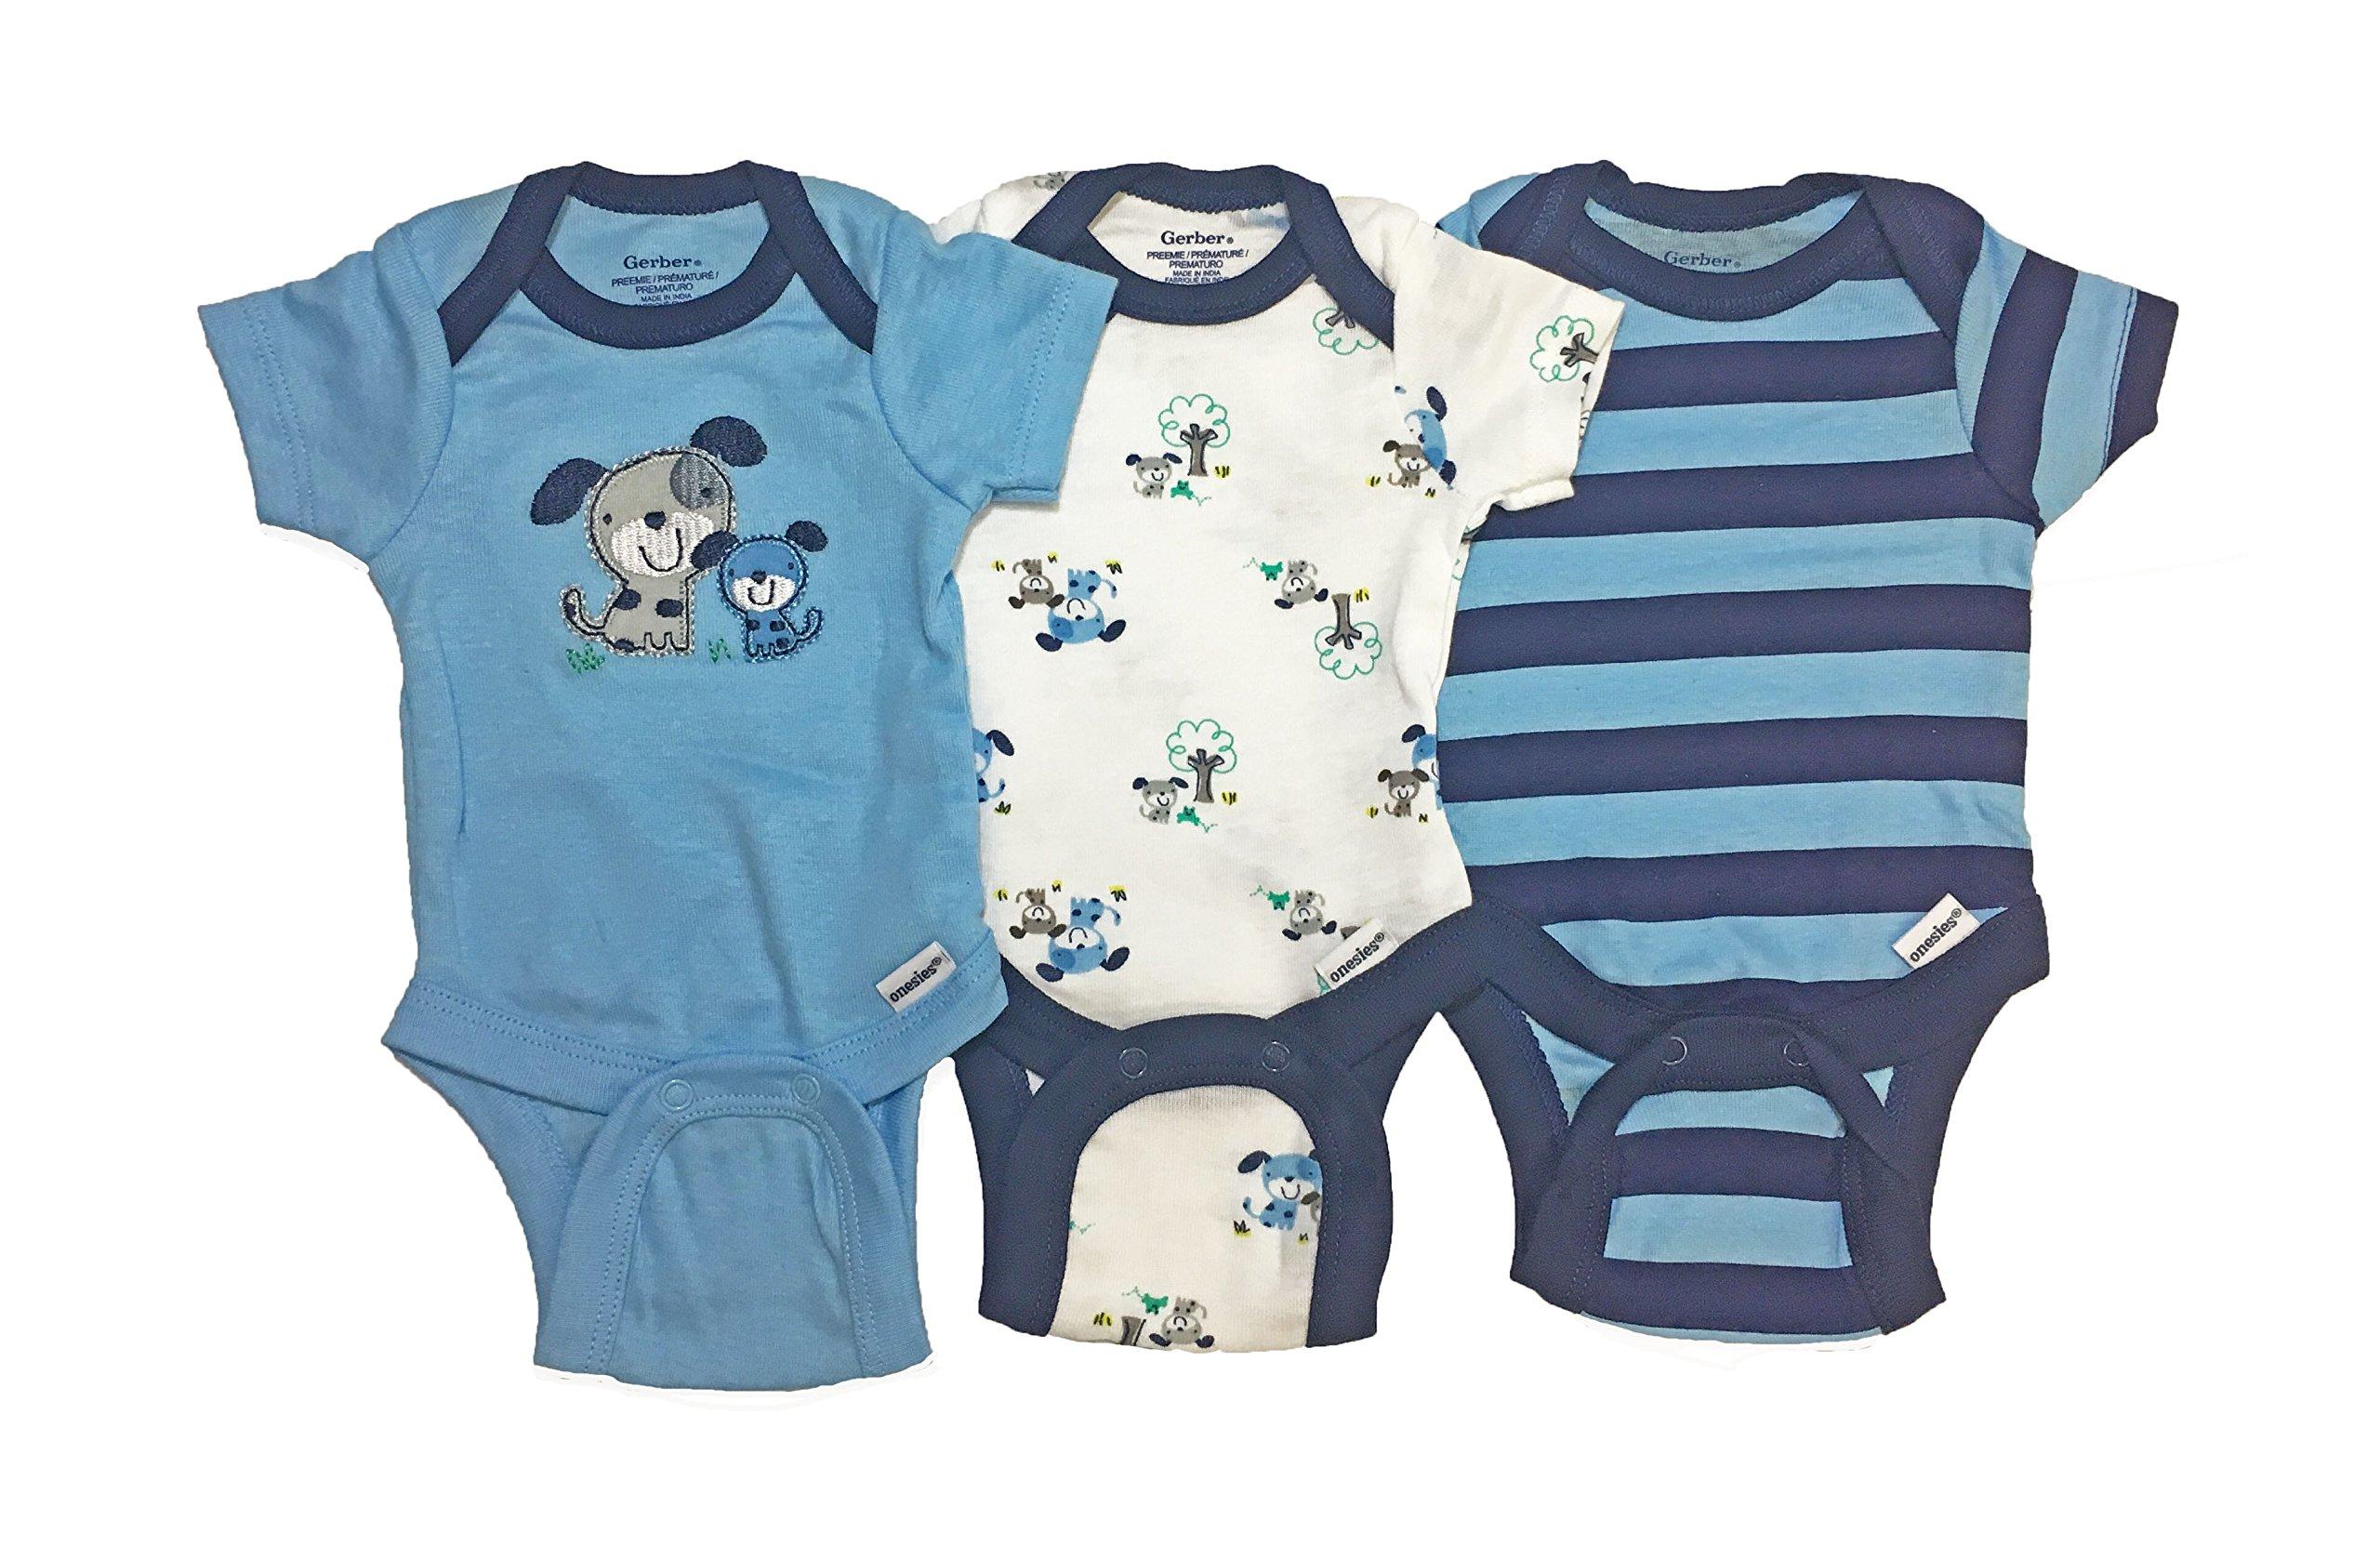 ガーバーの男の子3枚半袖レオタードにもブランドボディの服青い犬は12ヶ月